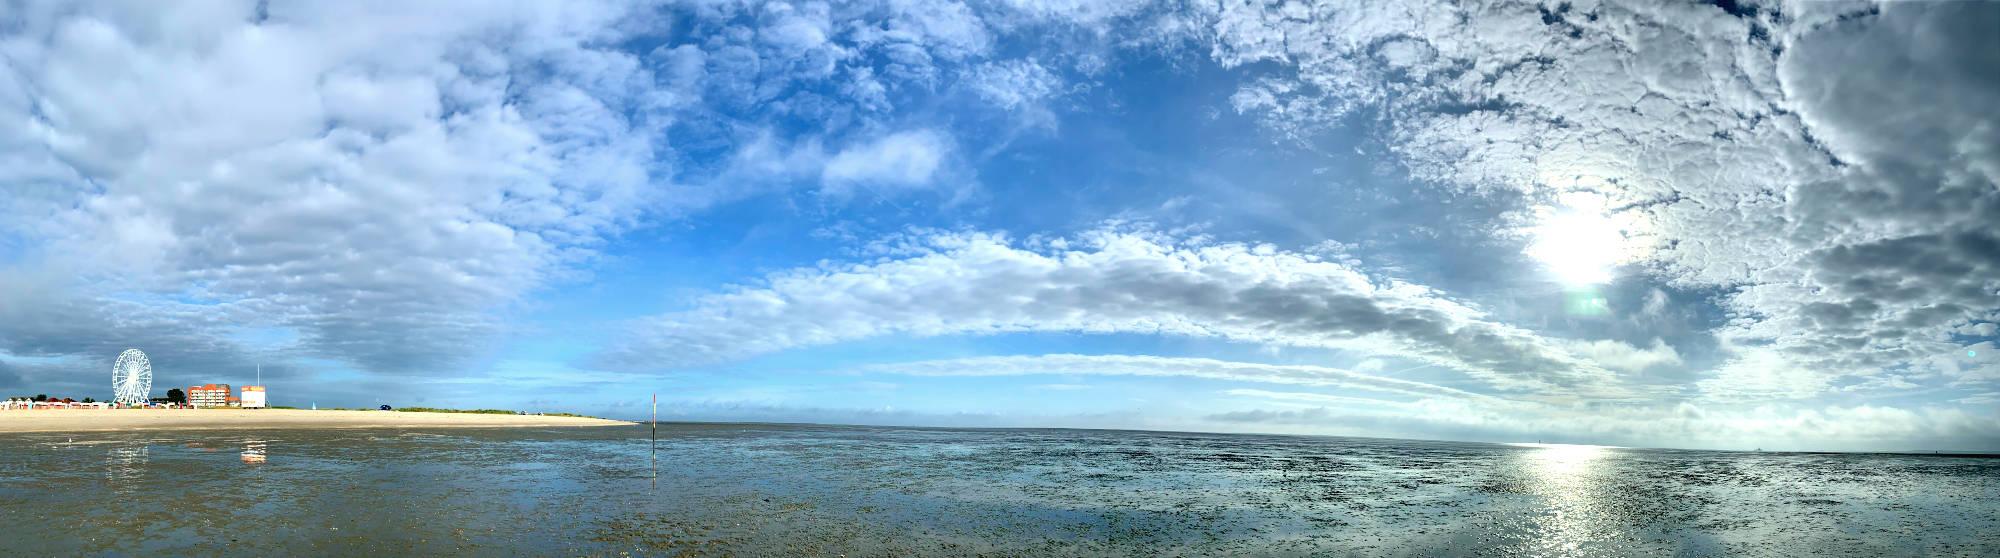 Panoramabild aus dem Watt, links der Strand mit einem Riesenrad. Die Wolken bilden einen Bogen.